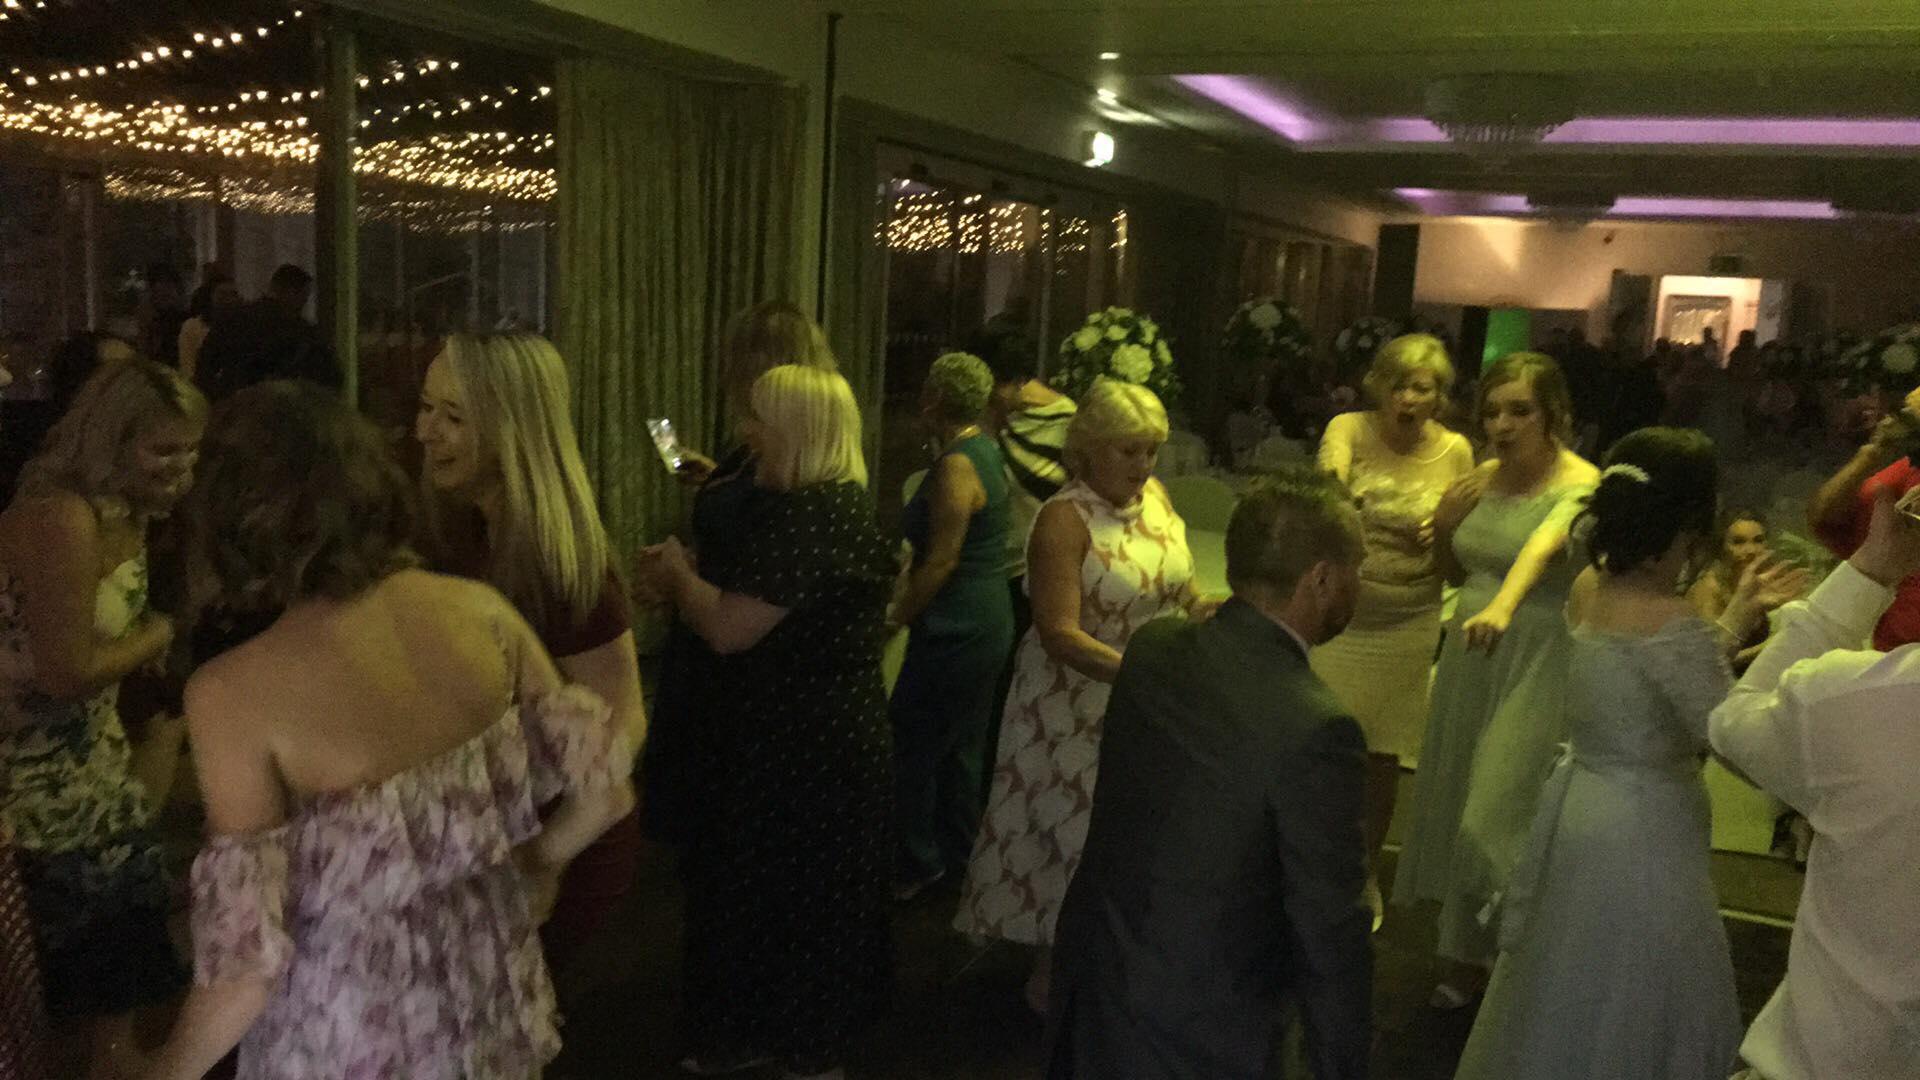 Full Dance Floor @ Hensol Castle